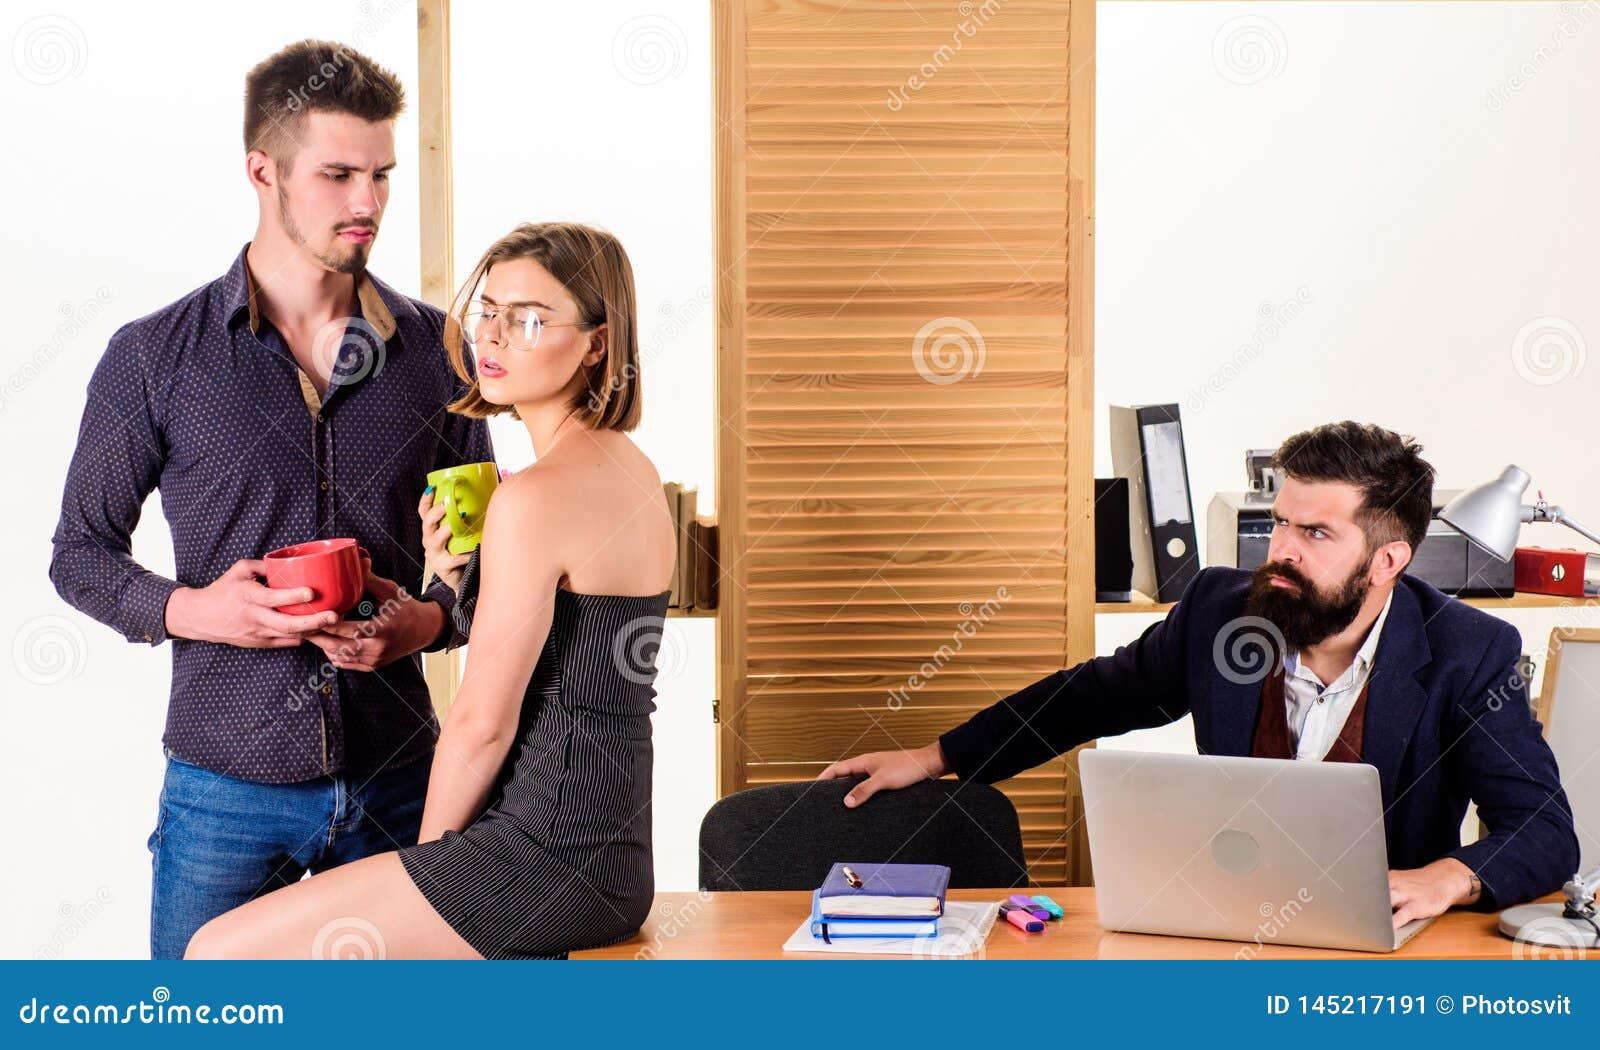 Brać przerwę na lunch Partnery biznesowi cieszy się rozmowę w przerwie na lunch podczas gdy kolega pracuje w tle Dwa